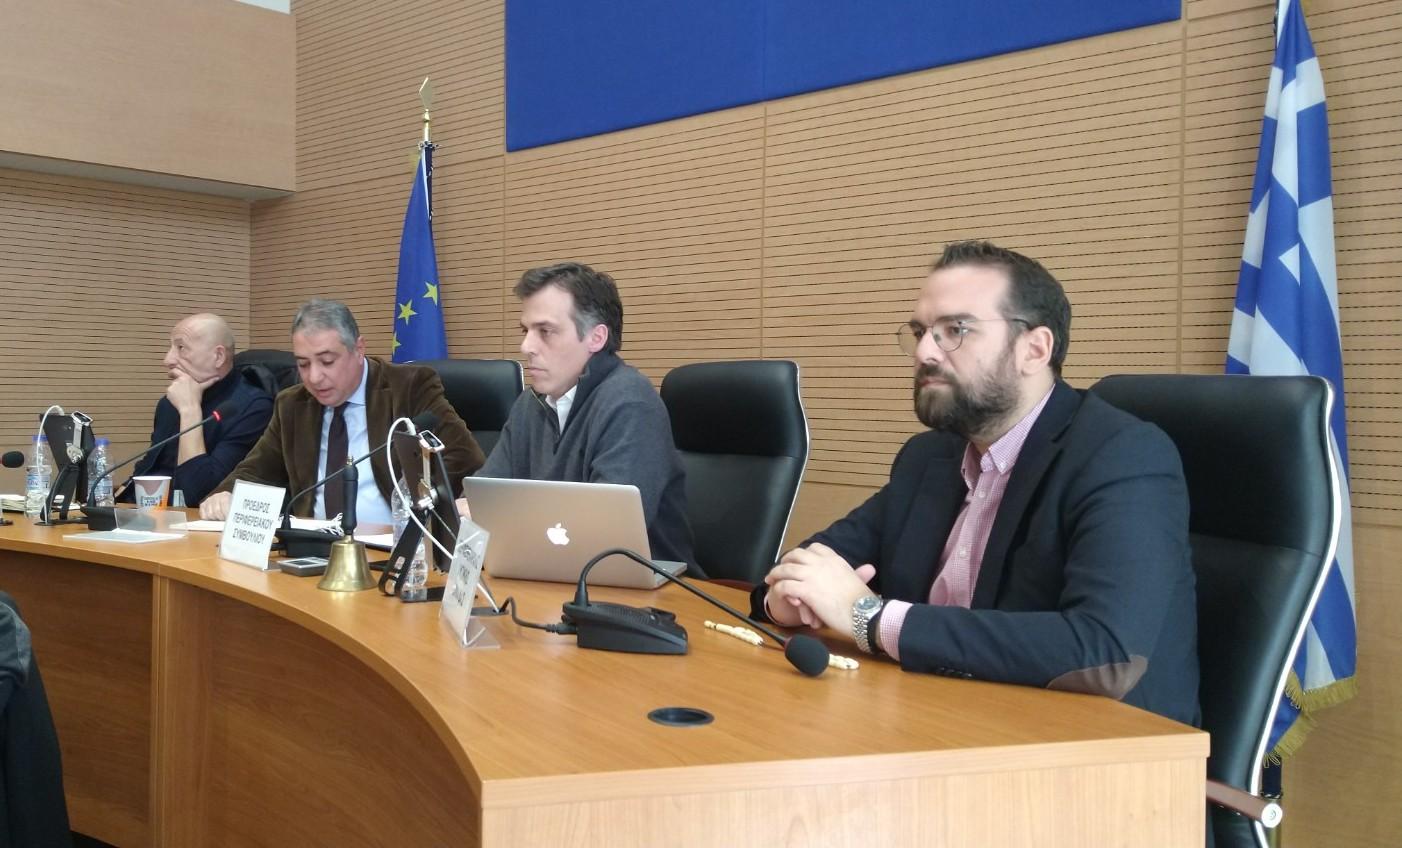 Έκτακτη σύσκεψη σήμερα στην Περιφέρεια Δυτικής Ελλάδας- Ν. Φαρμάκης: Συντονισμός, ενημέρωση και αλληλοβοήθεια για την αντιμετώπιση του νέου κορωνοϊού (photos)